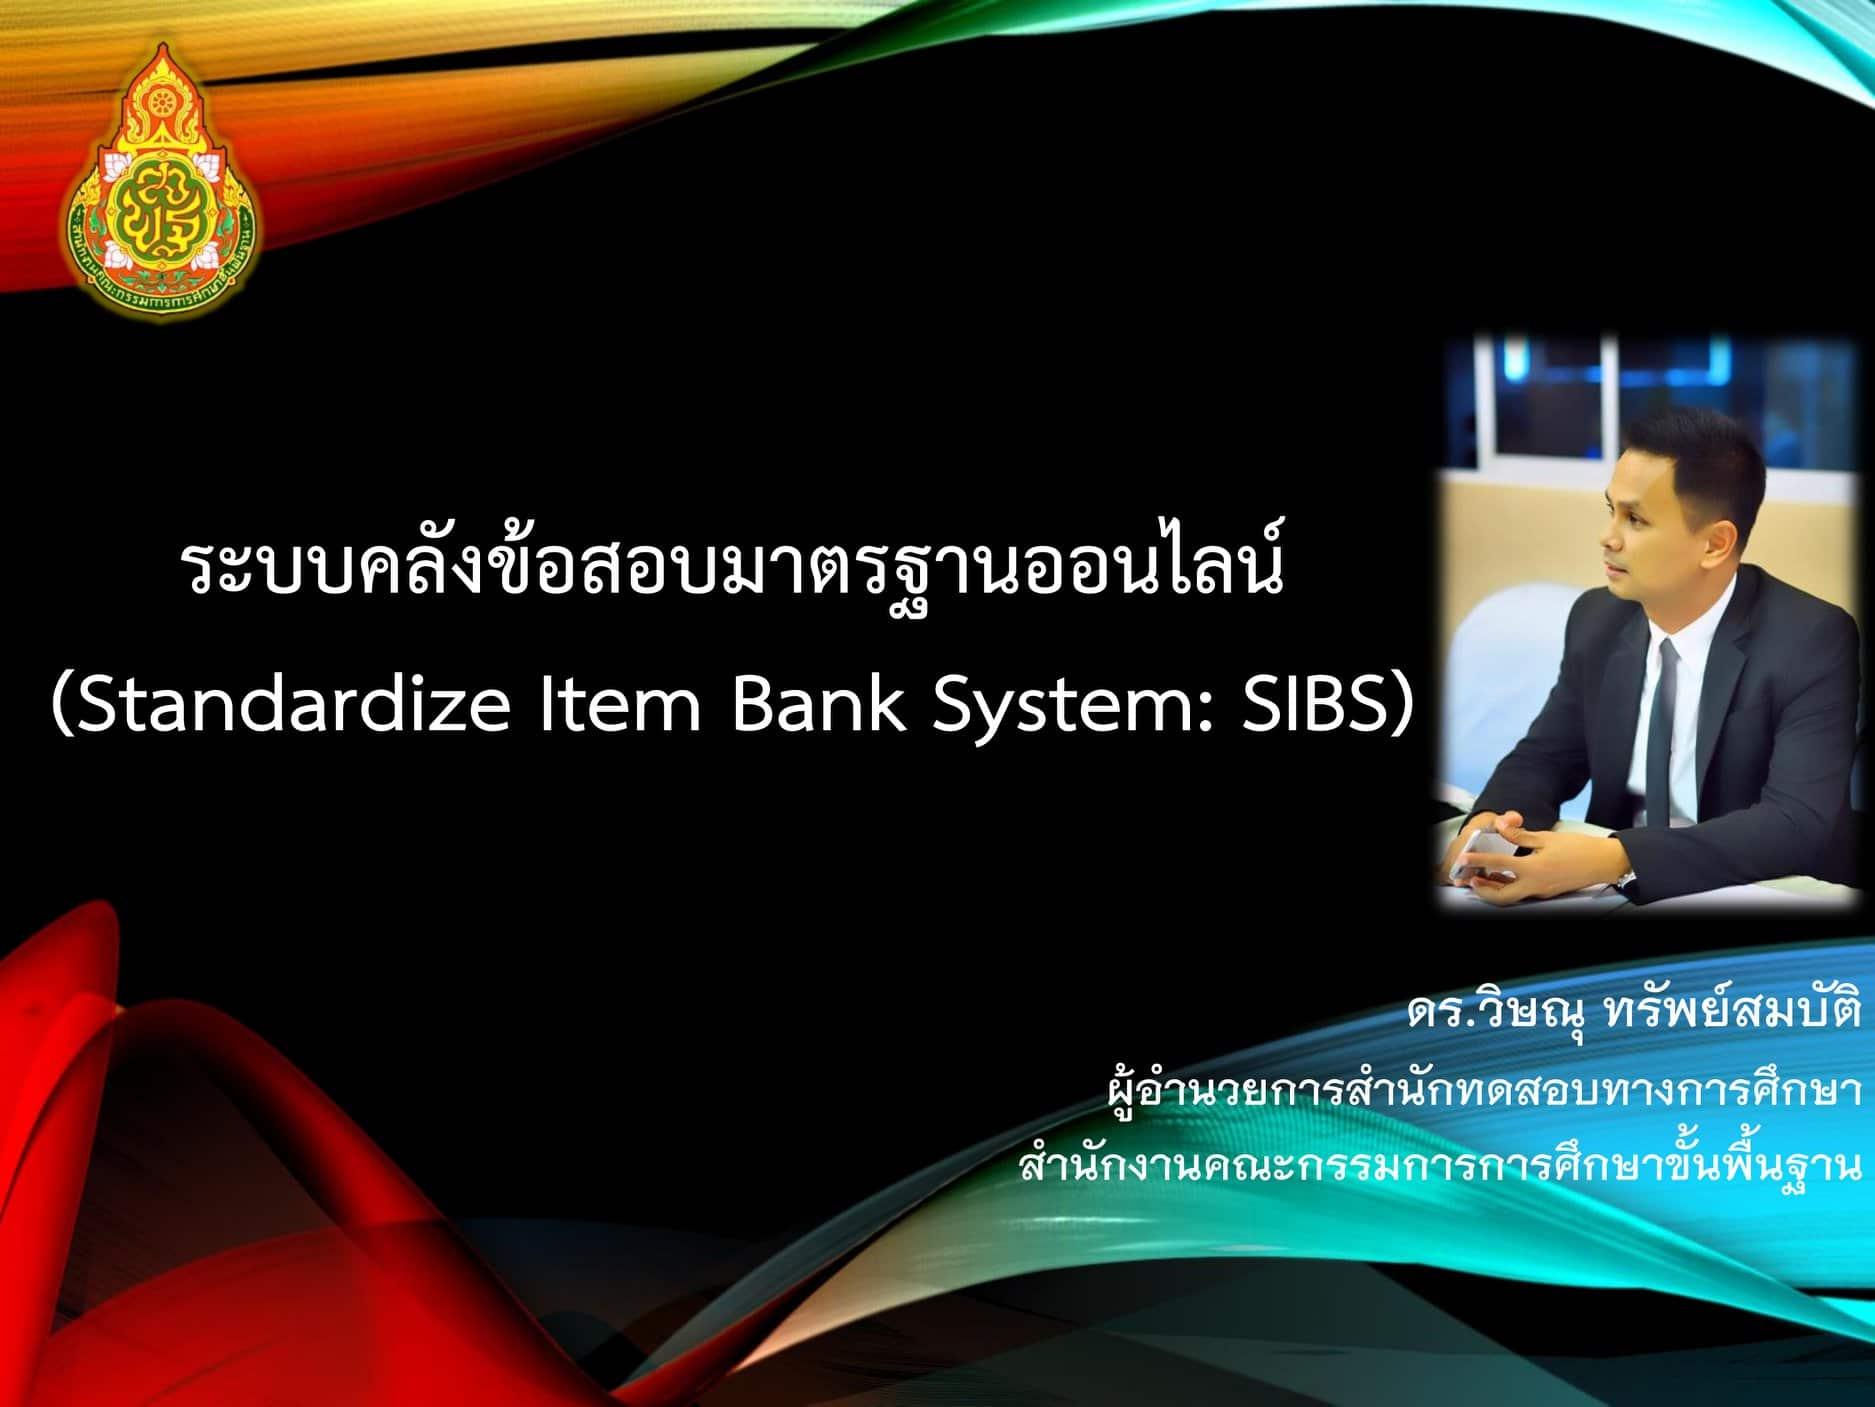 เชิญชวนคุณครู ใช้ระบบคลังข้อสอบมาตรฐานออนไลน์ (Standardized Item Bank System: SIBS) โดยสำนักทดสอบทางการศึกษา สพฐ